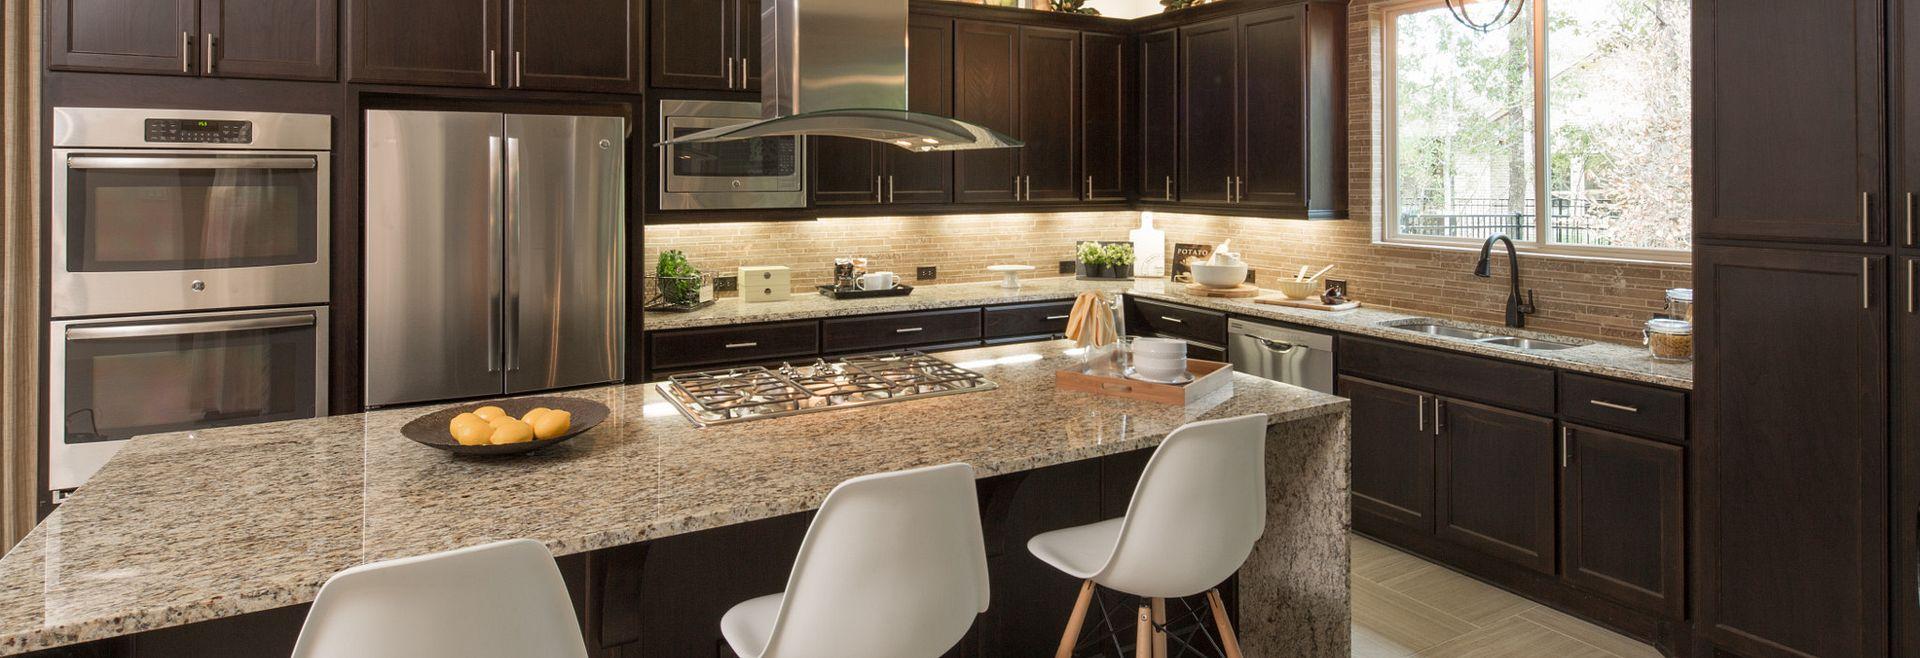 4100 Series Kitchen